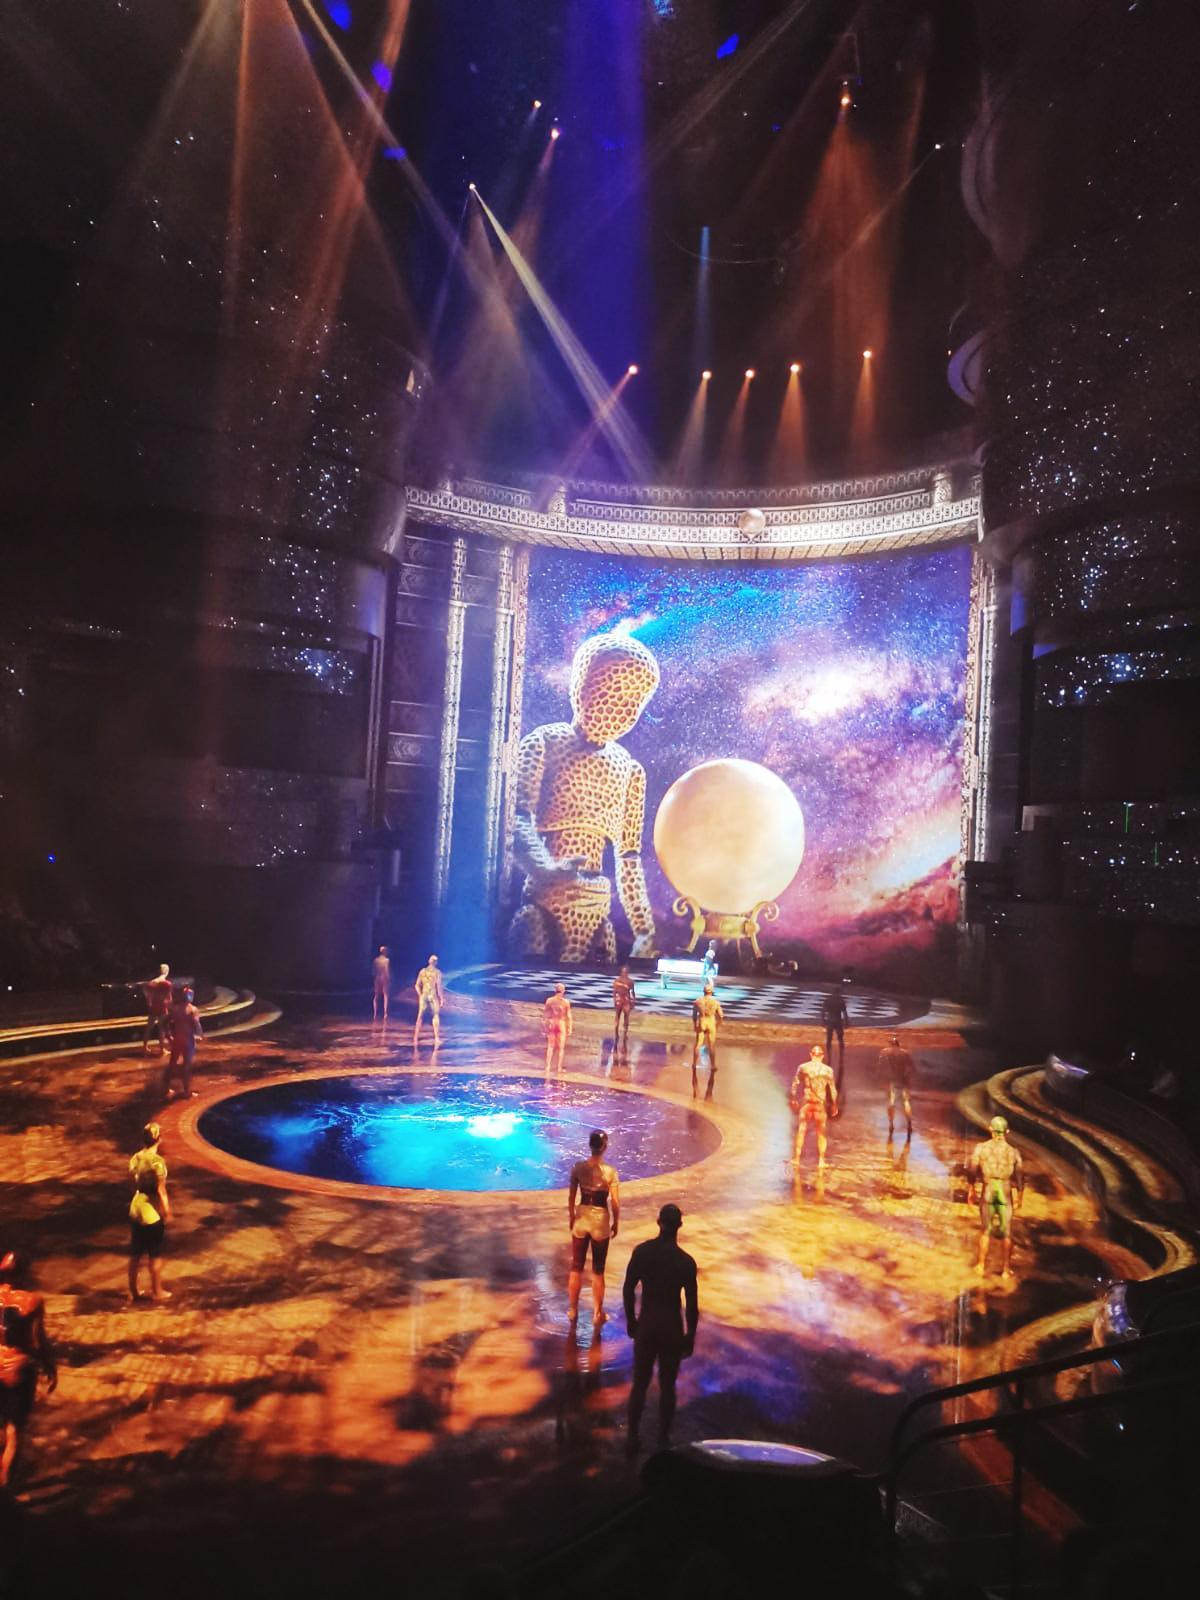 Die beeindruckende  Aquabühne ist der Mittelpunkt der Show